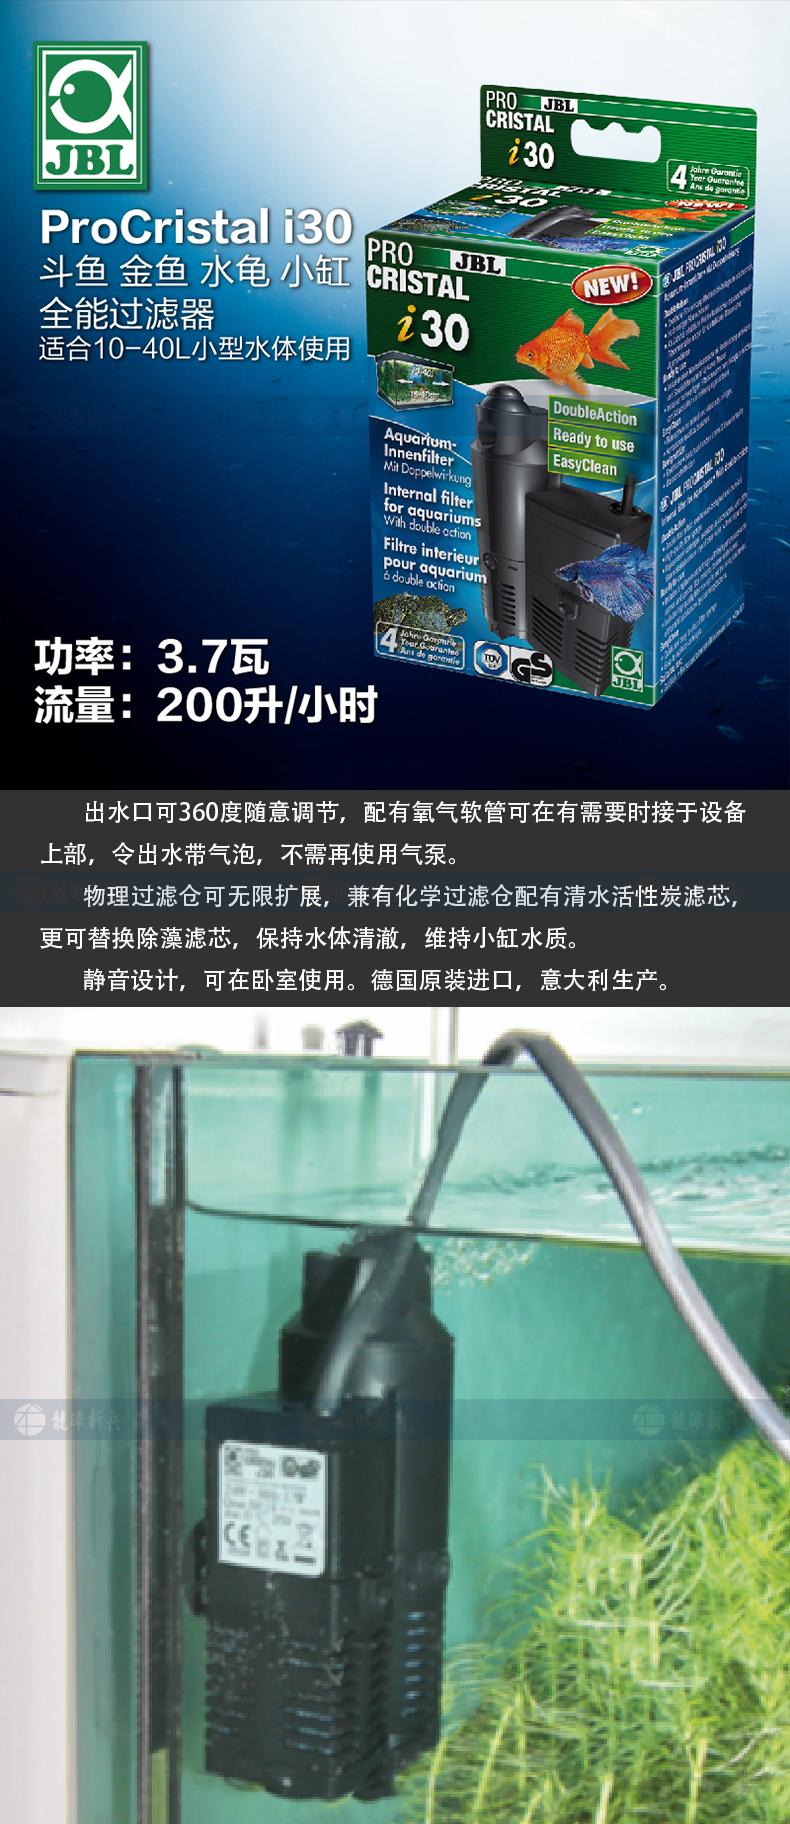 德国JBL珍宝ProCristal i30 斗鱼、金鱼、水龟、小缸过滤器-详情图.jpg